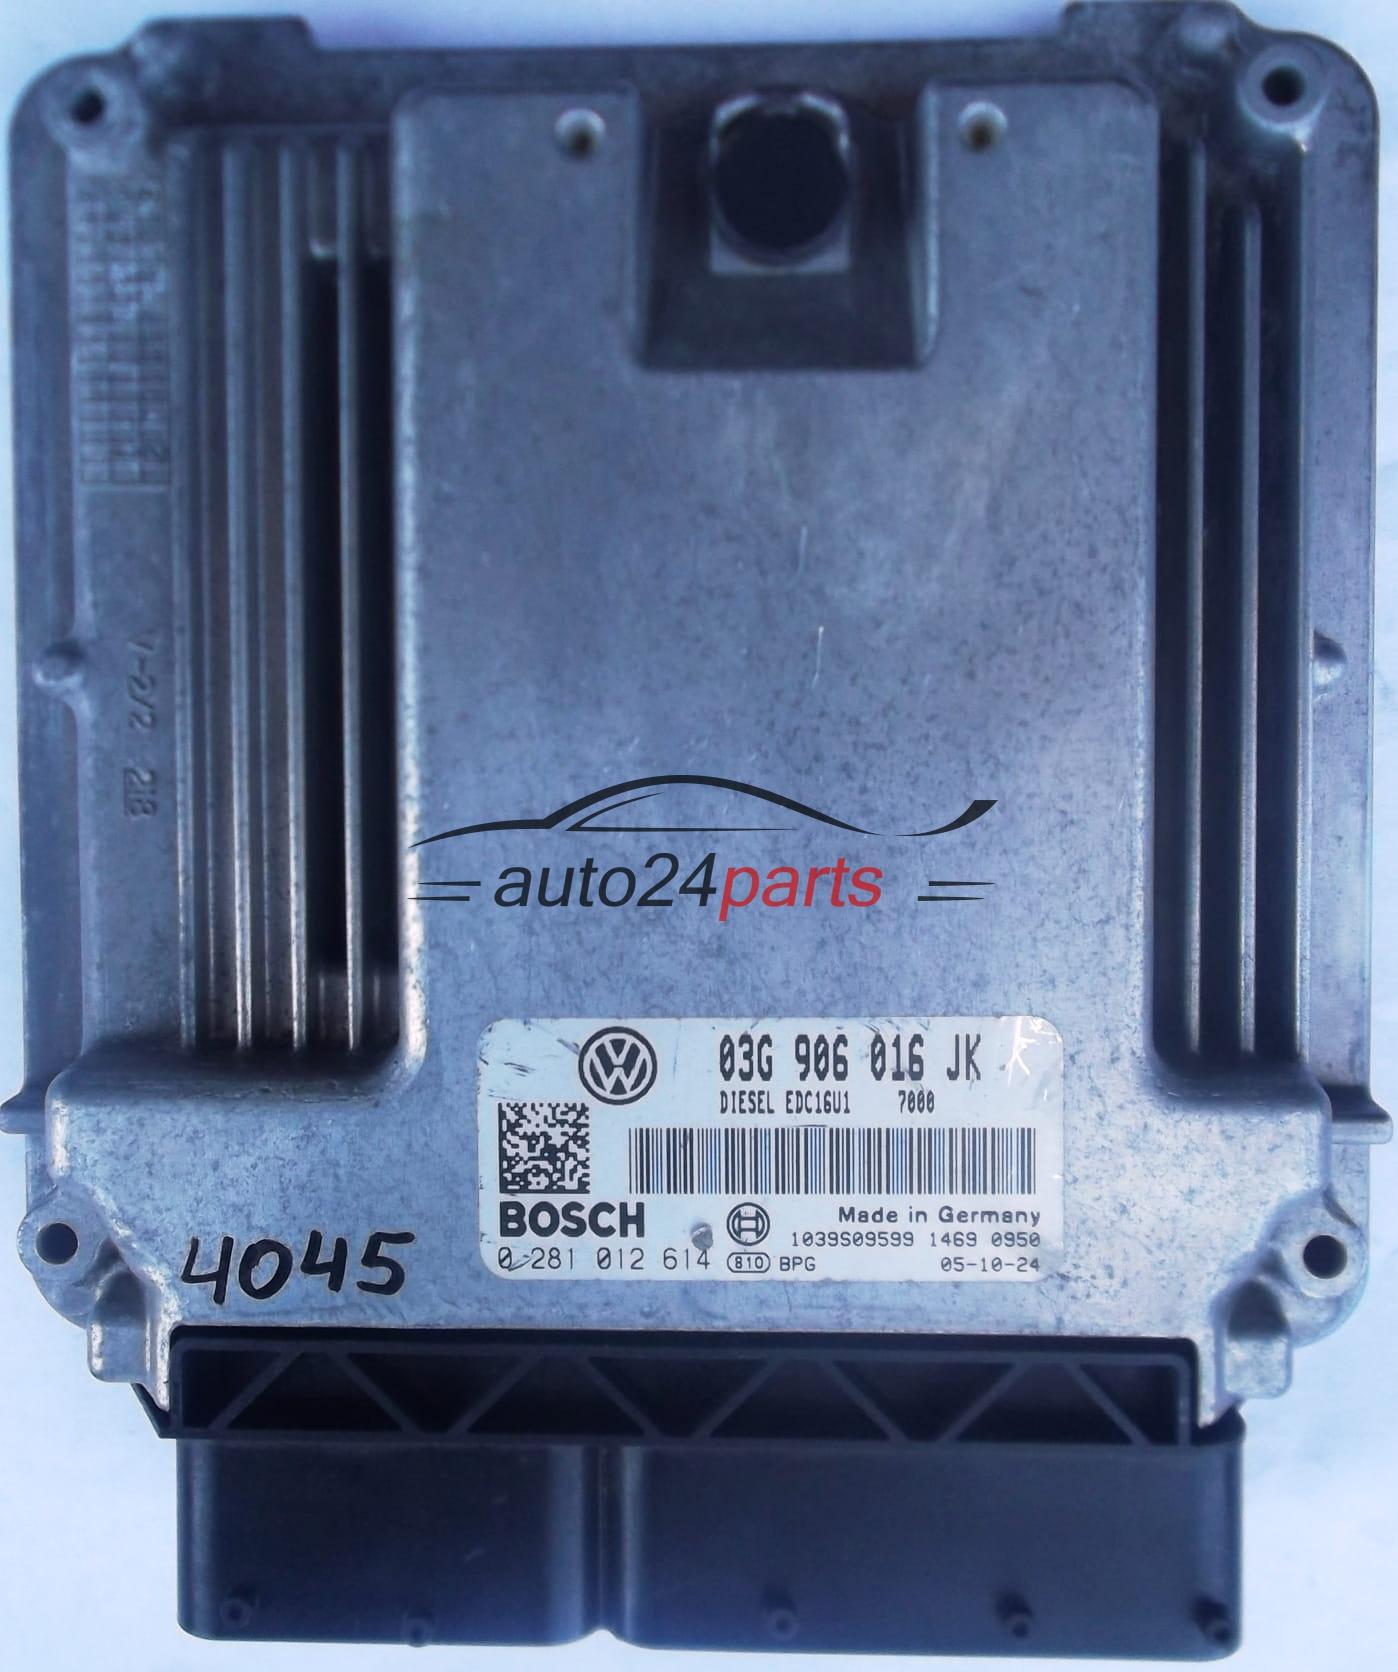 ECU ENGINE CONTROLLER VW VOLKSWAGEN JETTA 1.9 TDI BOSCH 0 281 012 614 , 0281012614, 03G 906 016 ...